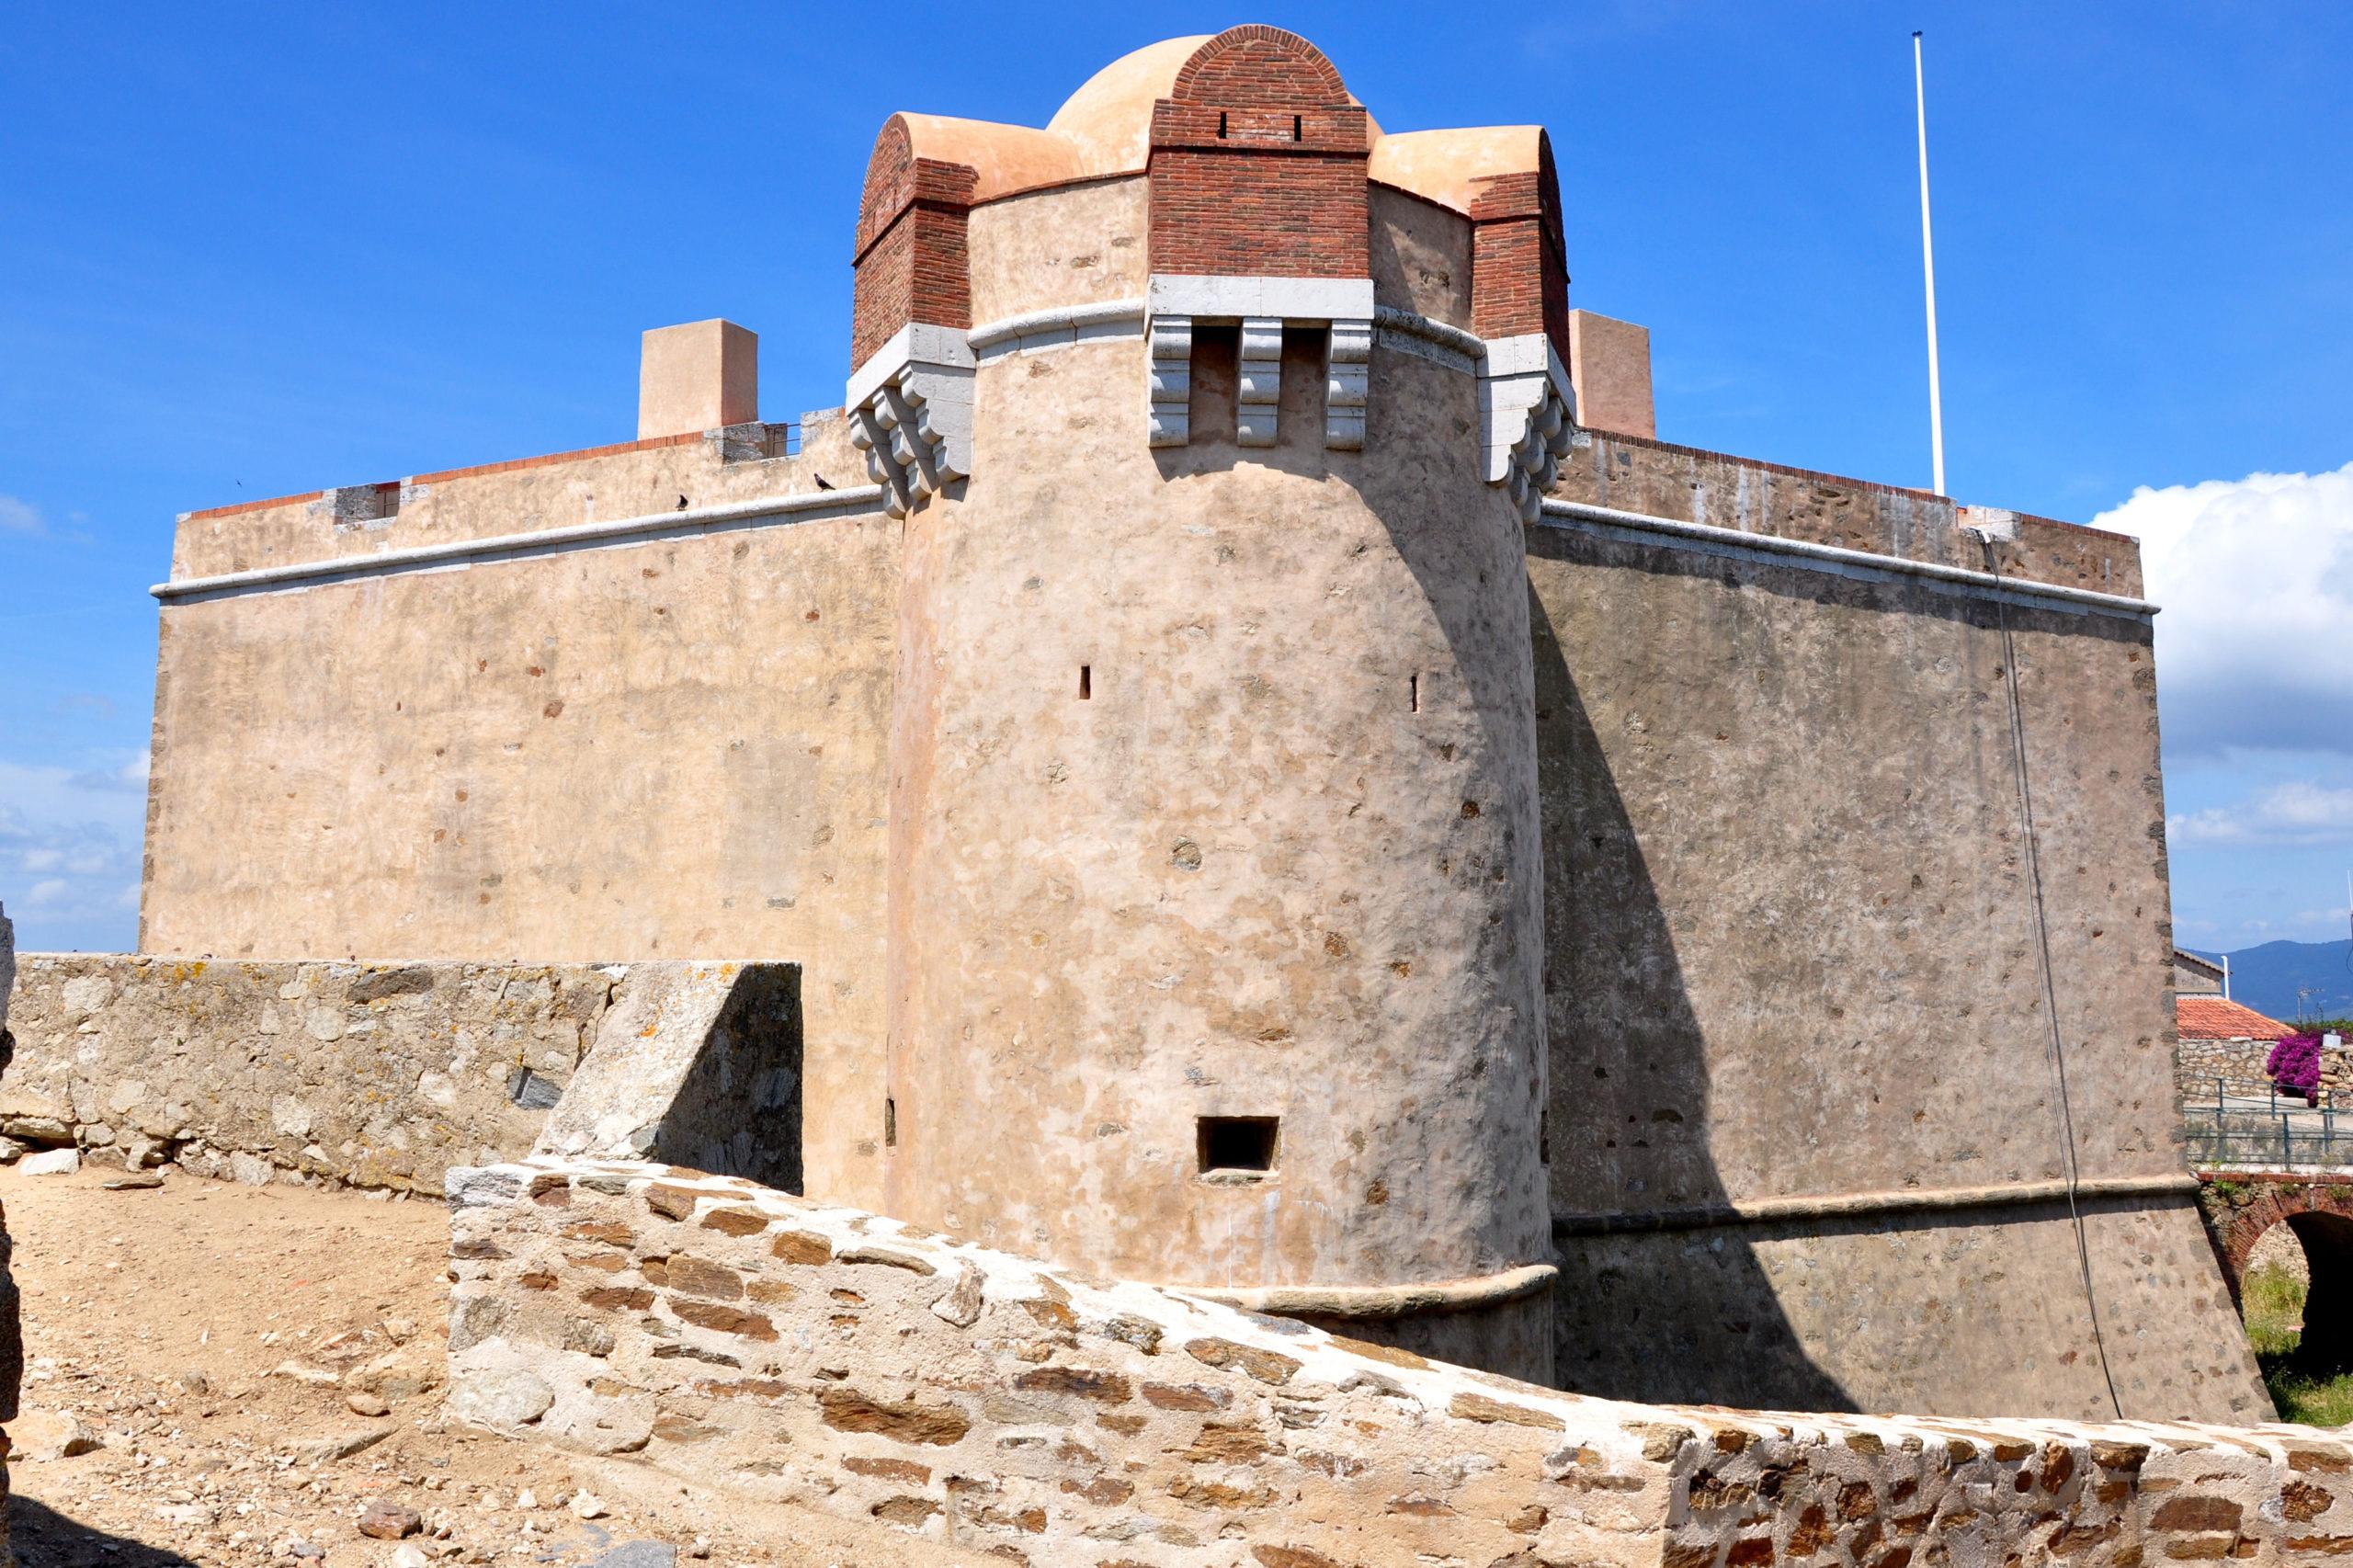 Saint-Tropez_-_Donjon_de_la_Citadelle - Visit Provence